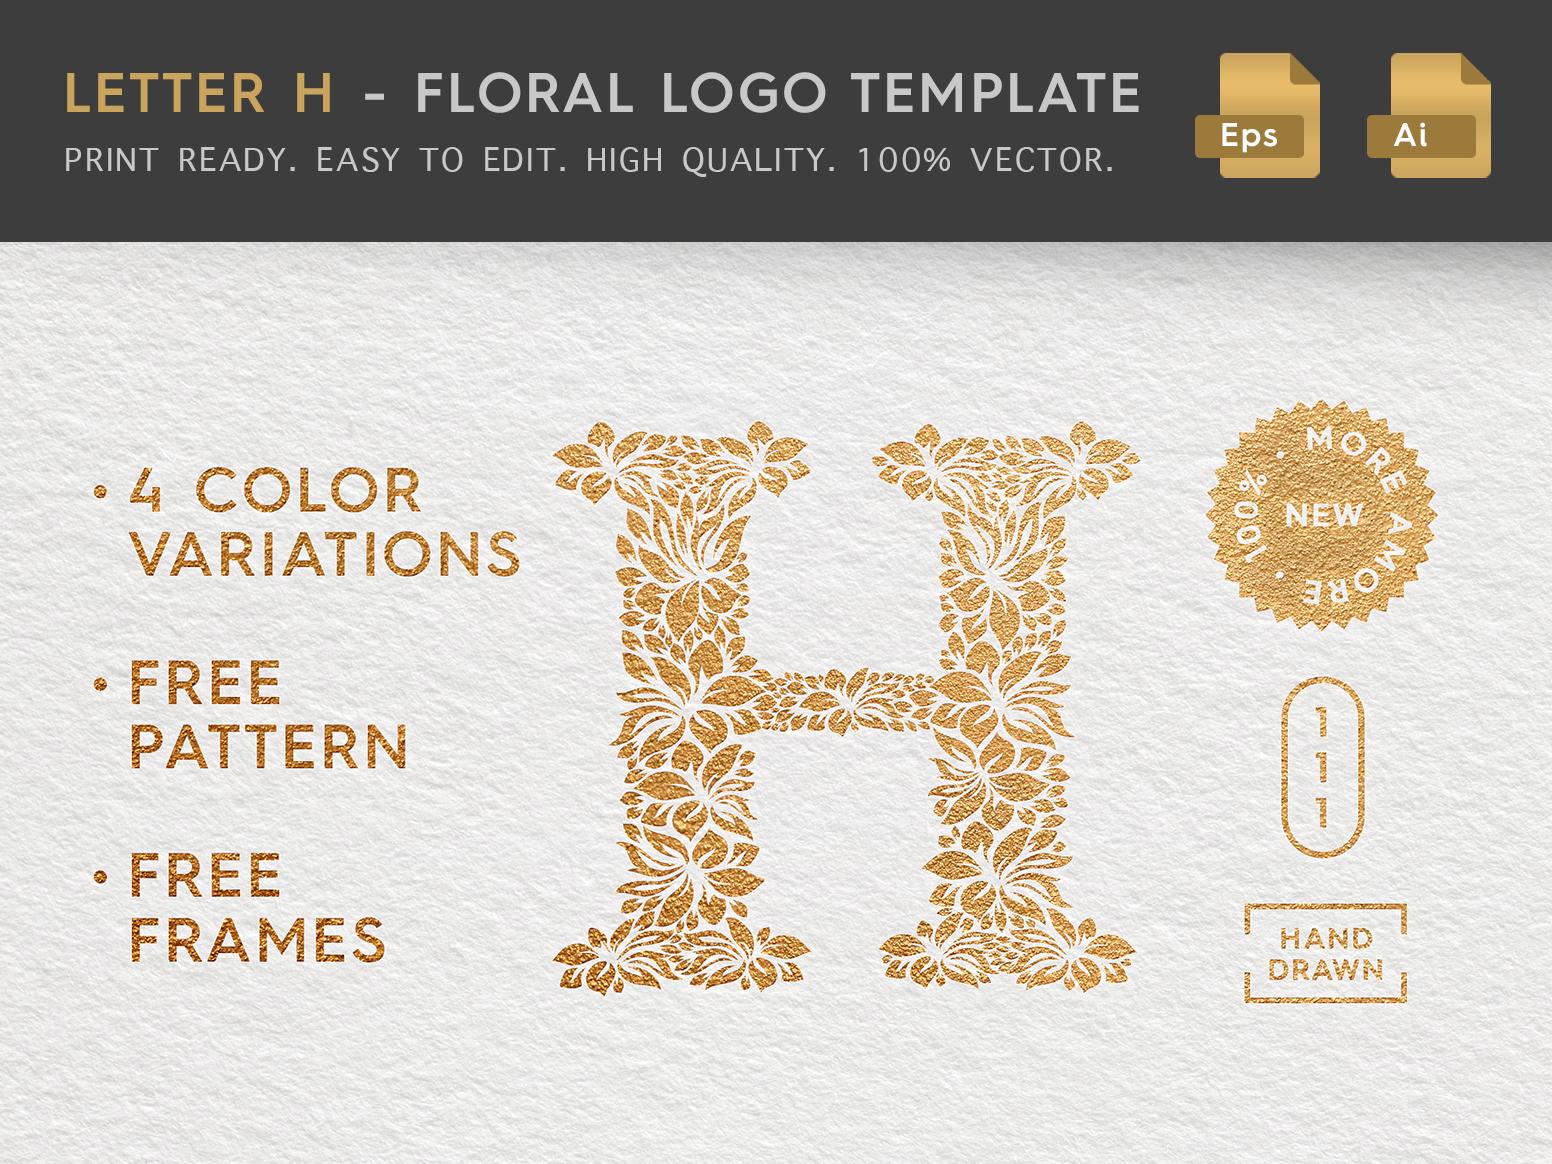 Floral letter h logo behance header